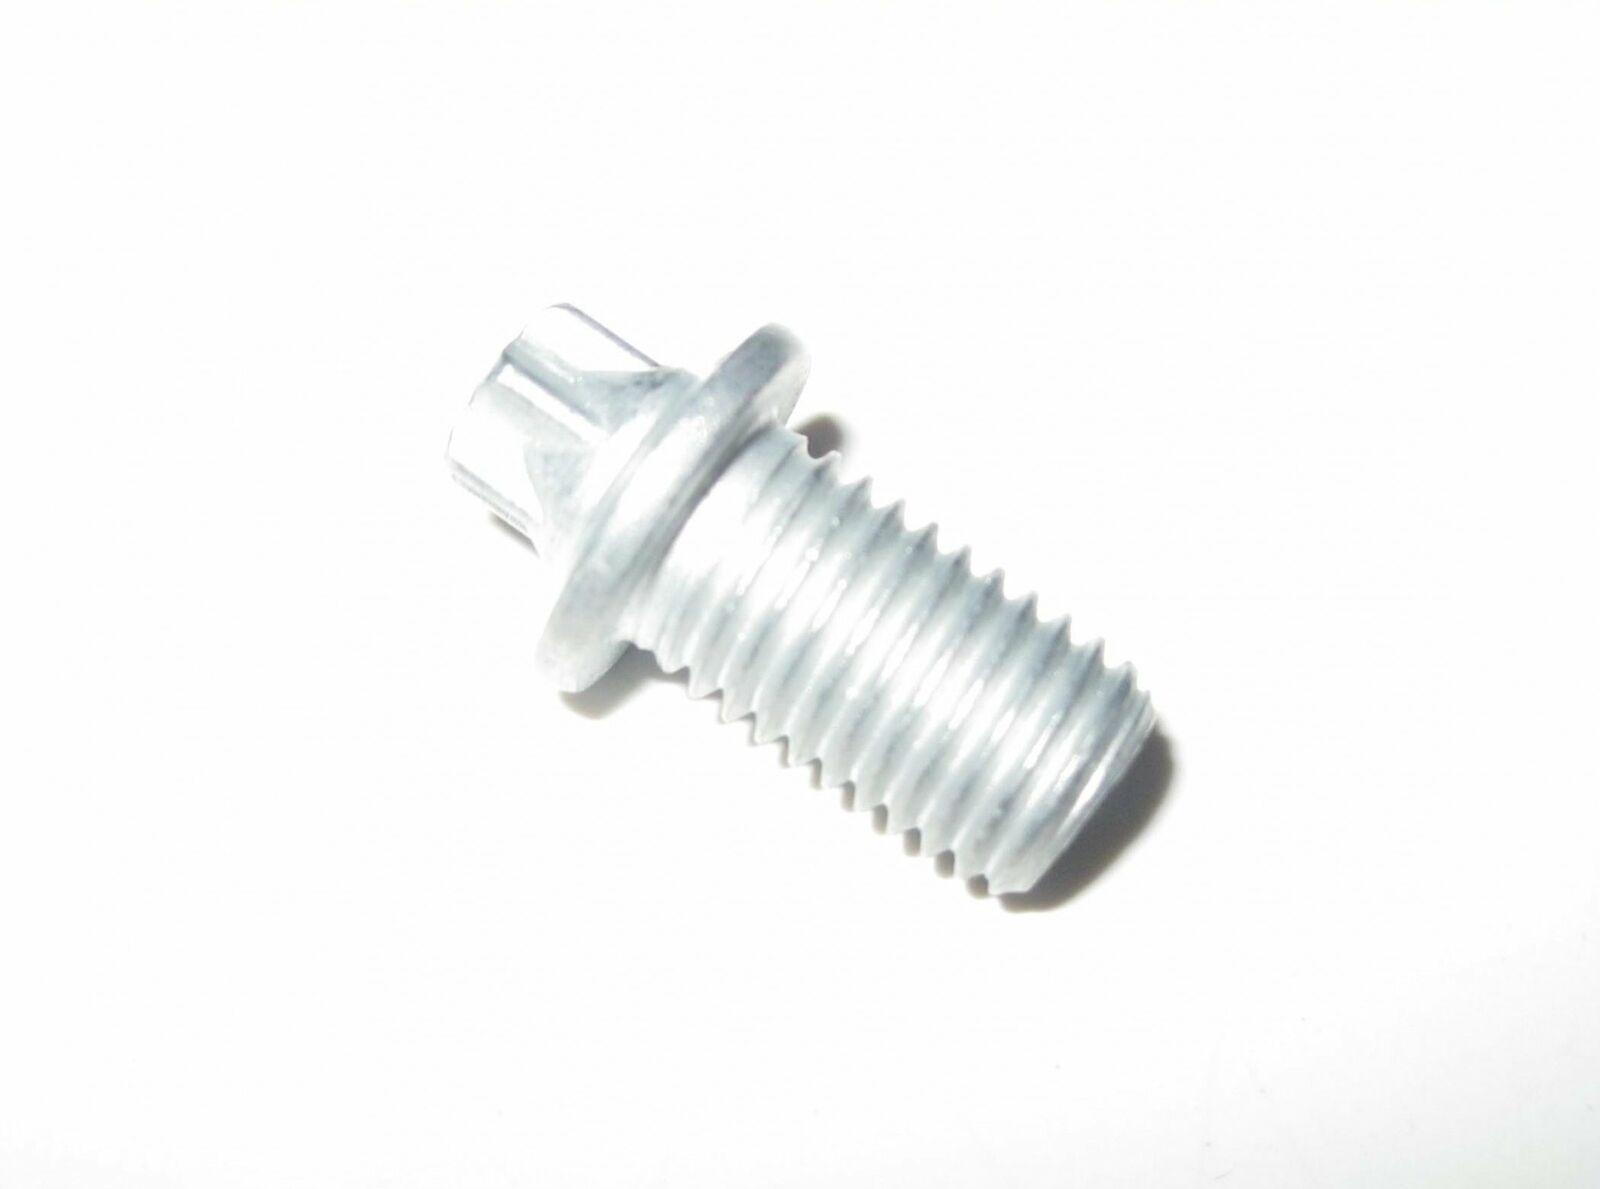 Piece-26 Hard-to-Find Fastener 014973330804 10.9 Hex Cap Screws 12mm-1.75 x 85mm